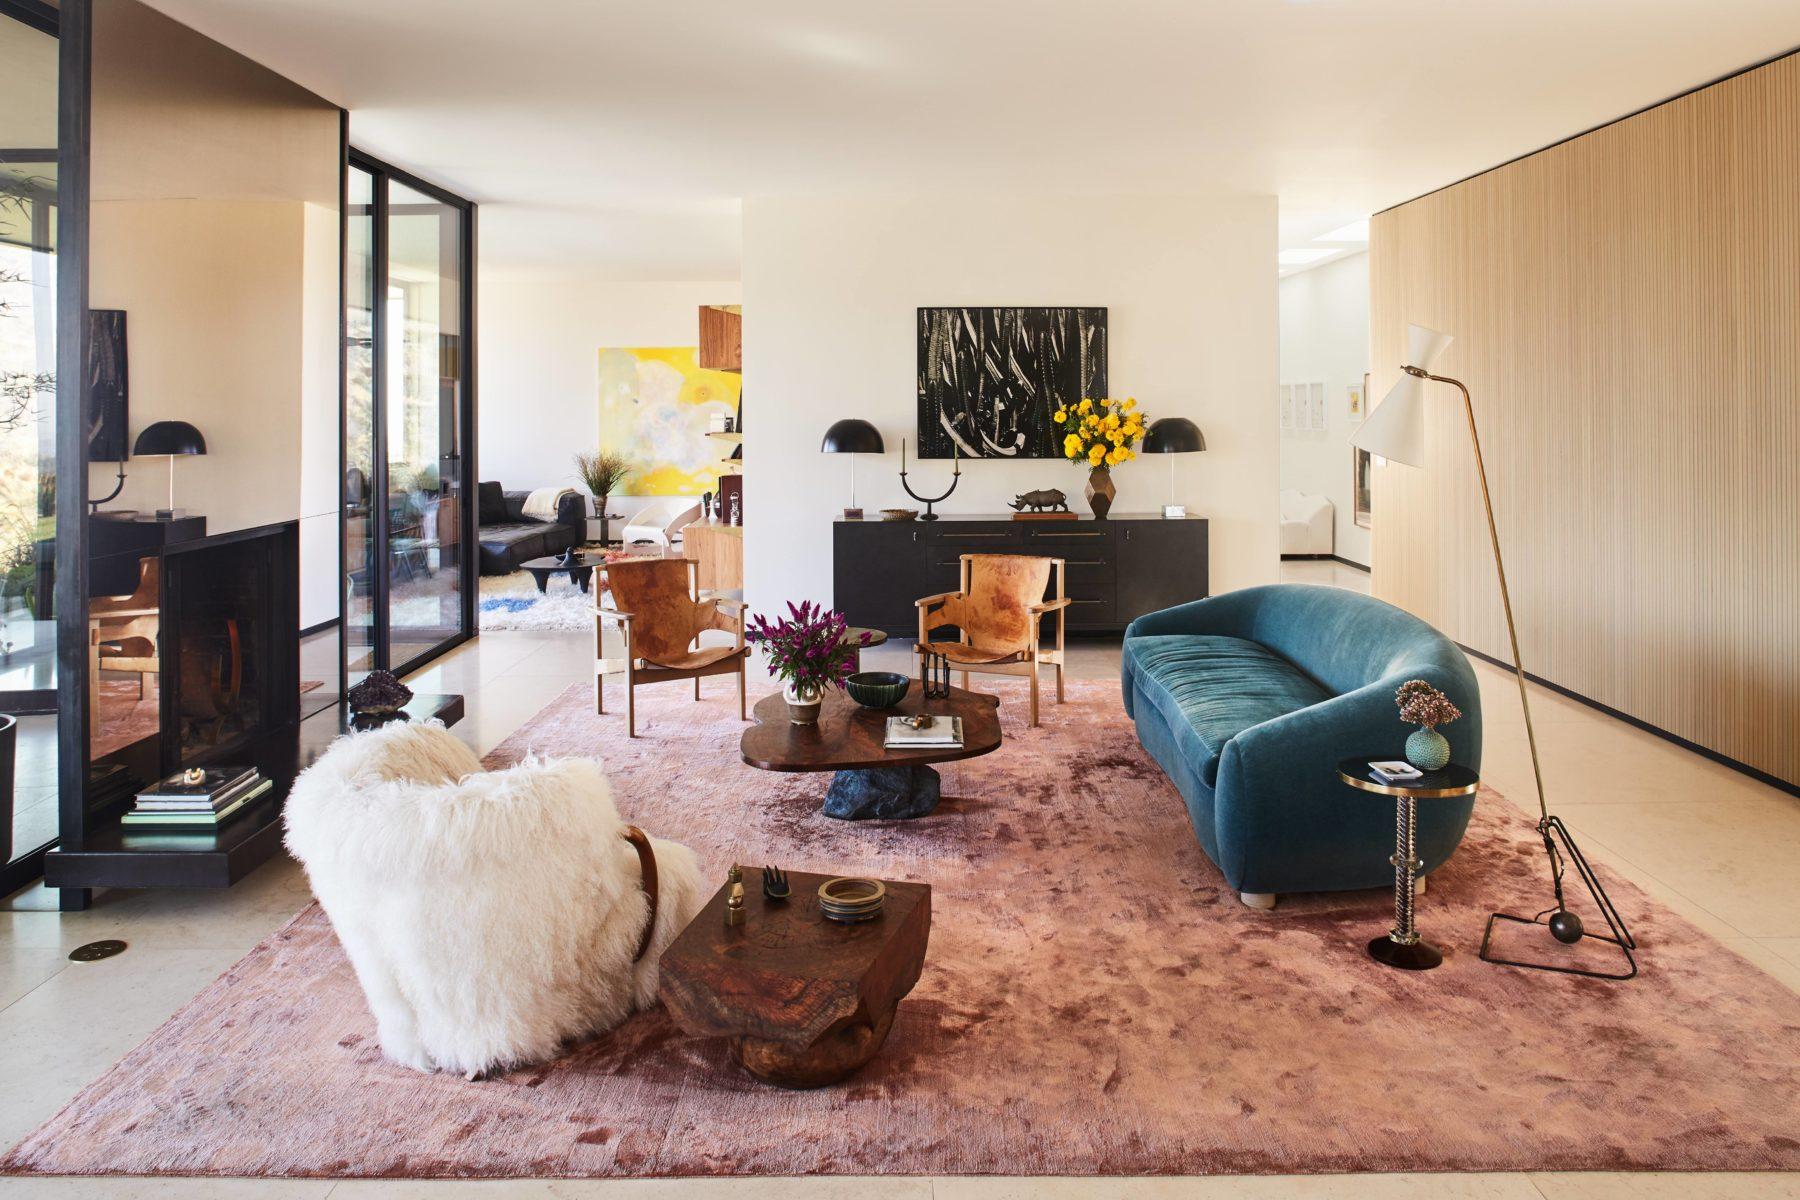 SF-_-Deronda-Living-Room-1800x1200.jpg